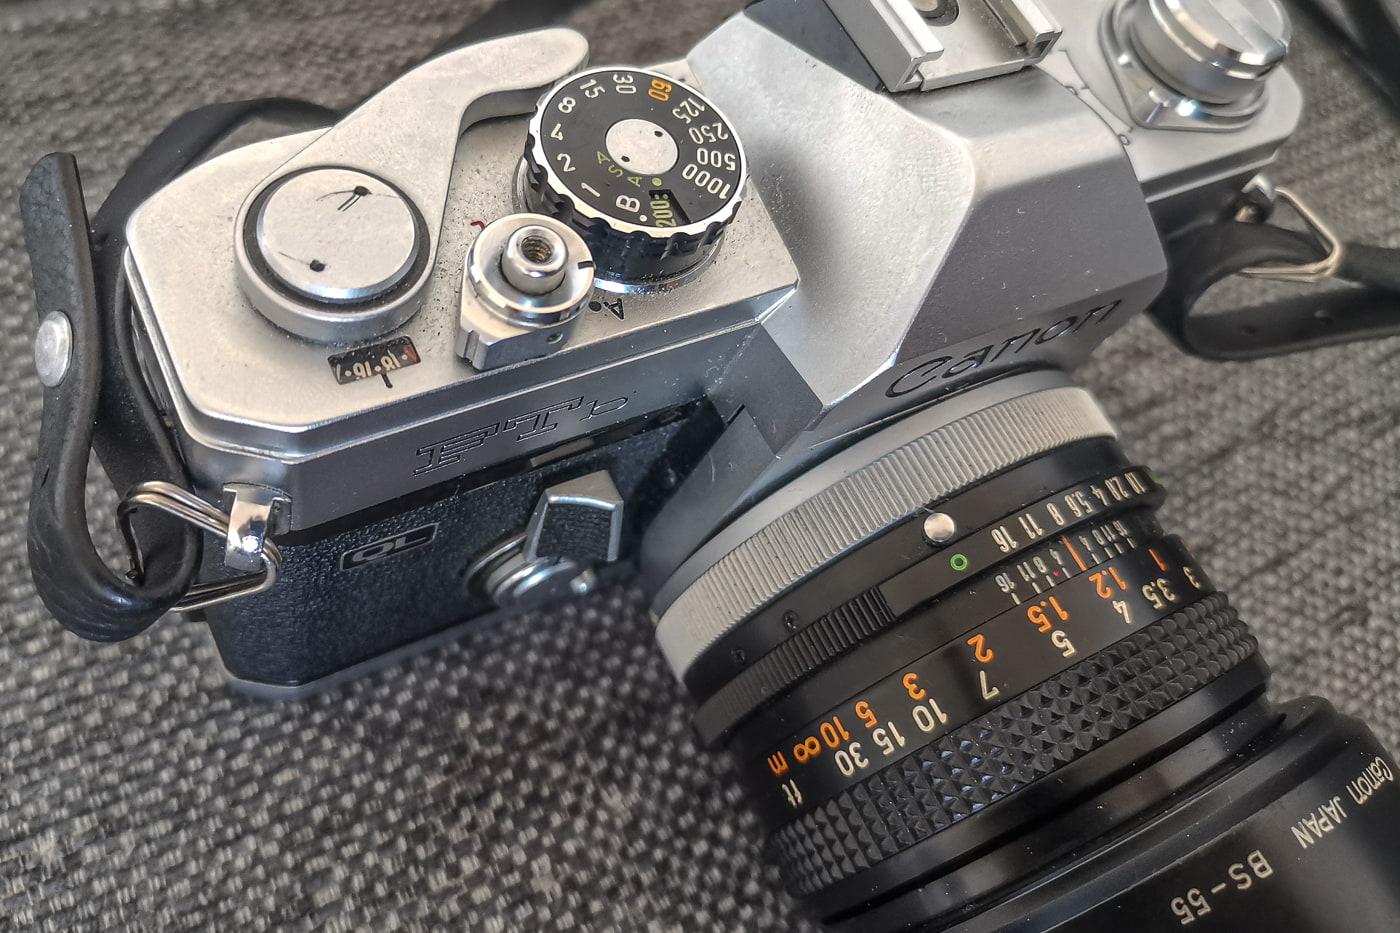 Einstellungen Belichtung Canon FTb